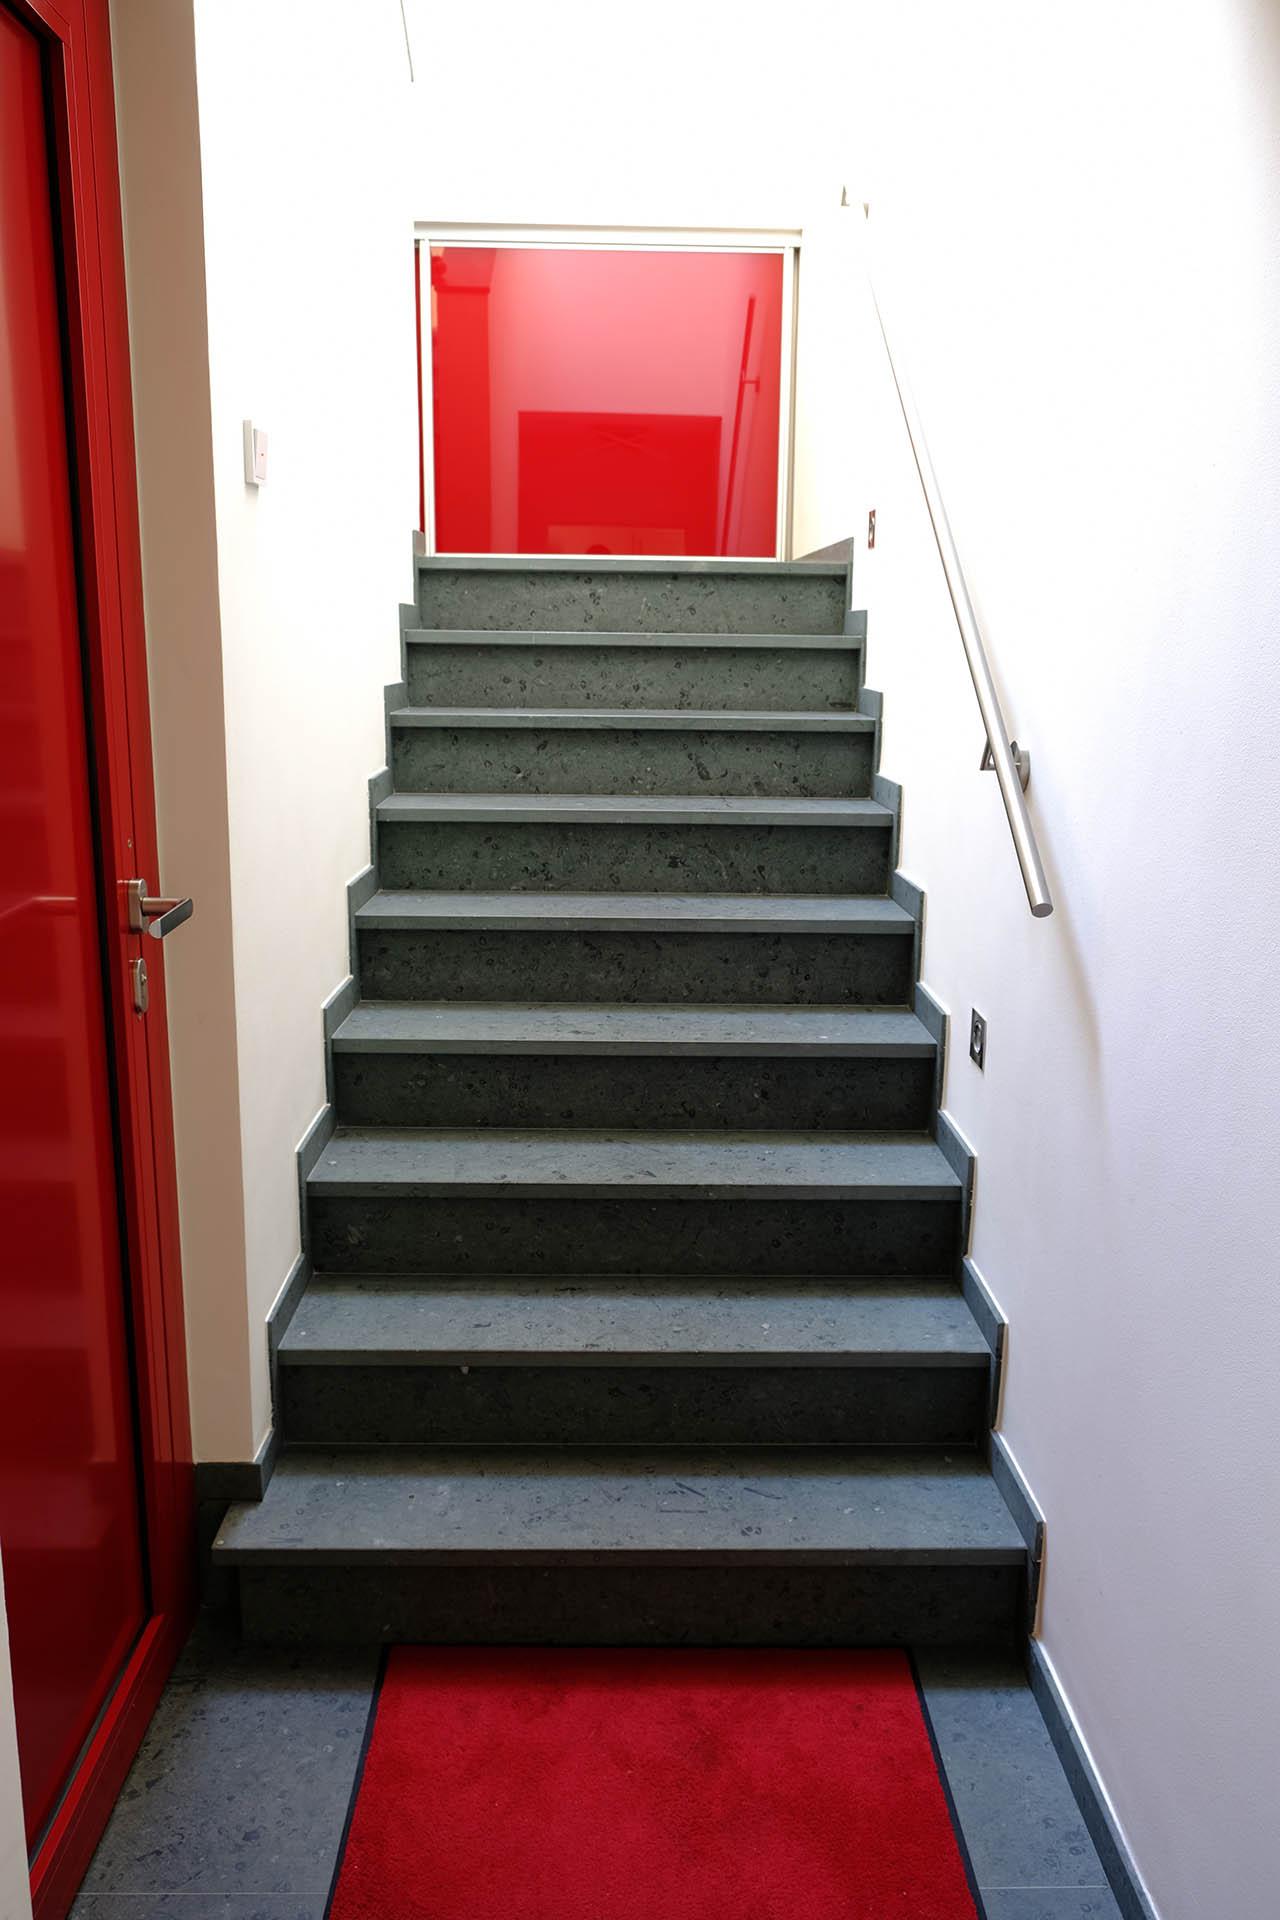 treppe_2_anroechter_dolomit_marmor_radermachrer_escalier